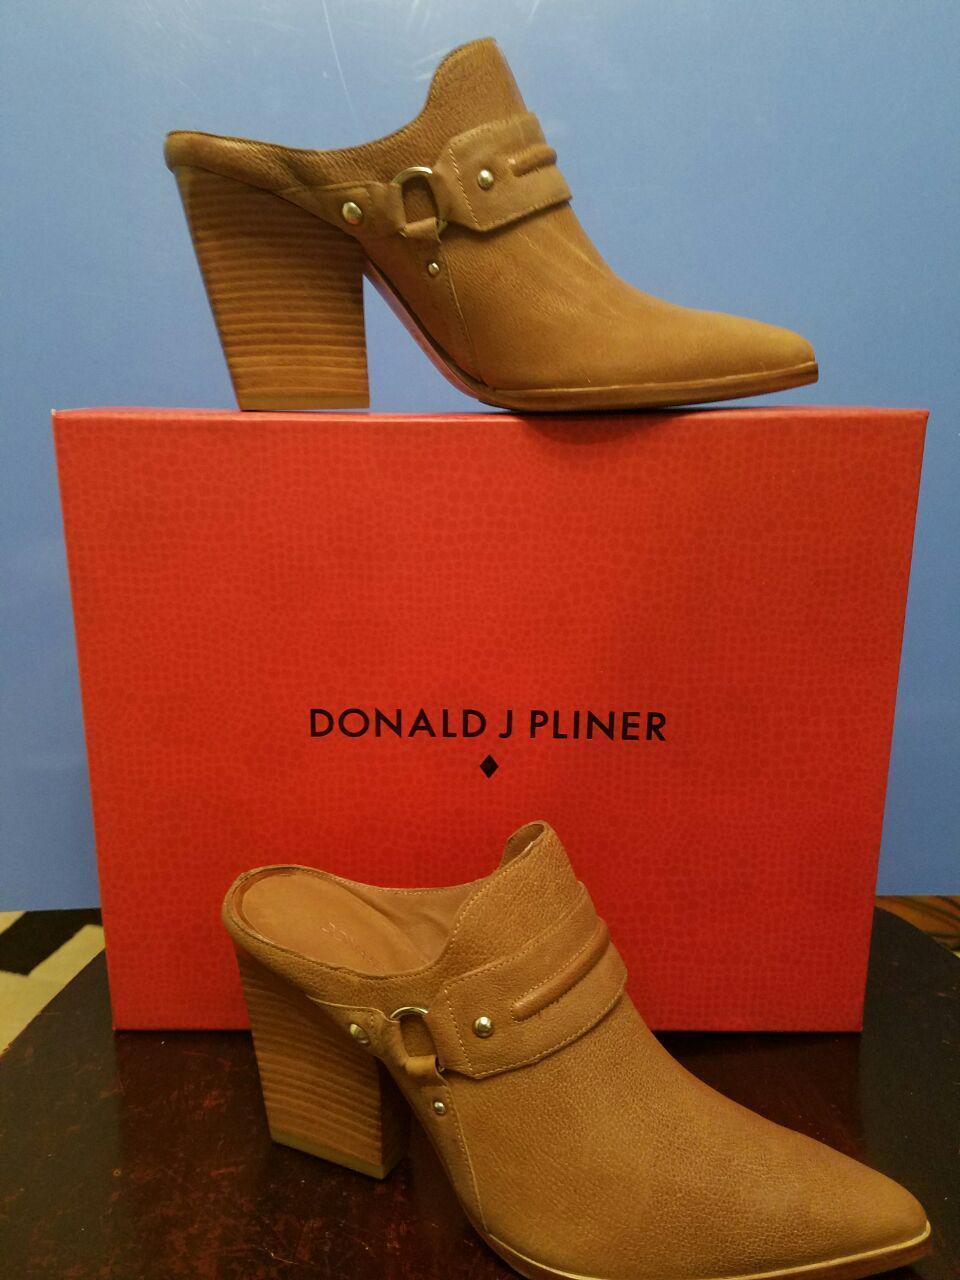 incredibili sconti NWB Donna Donna Donna  Donald J Pliner VERO2 Calf Leather Mule Taupe Waxy C Dimensione 6M  scelta migliore